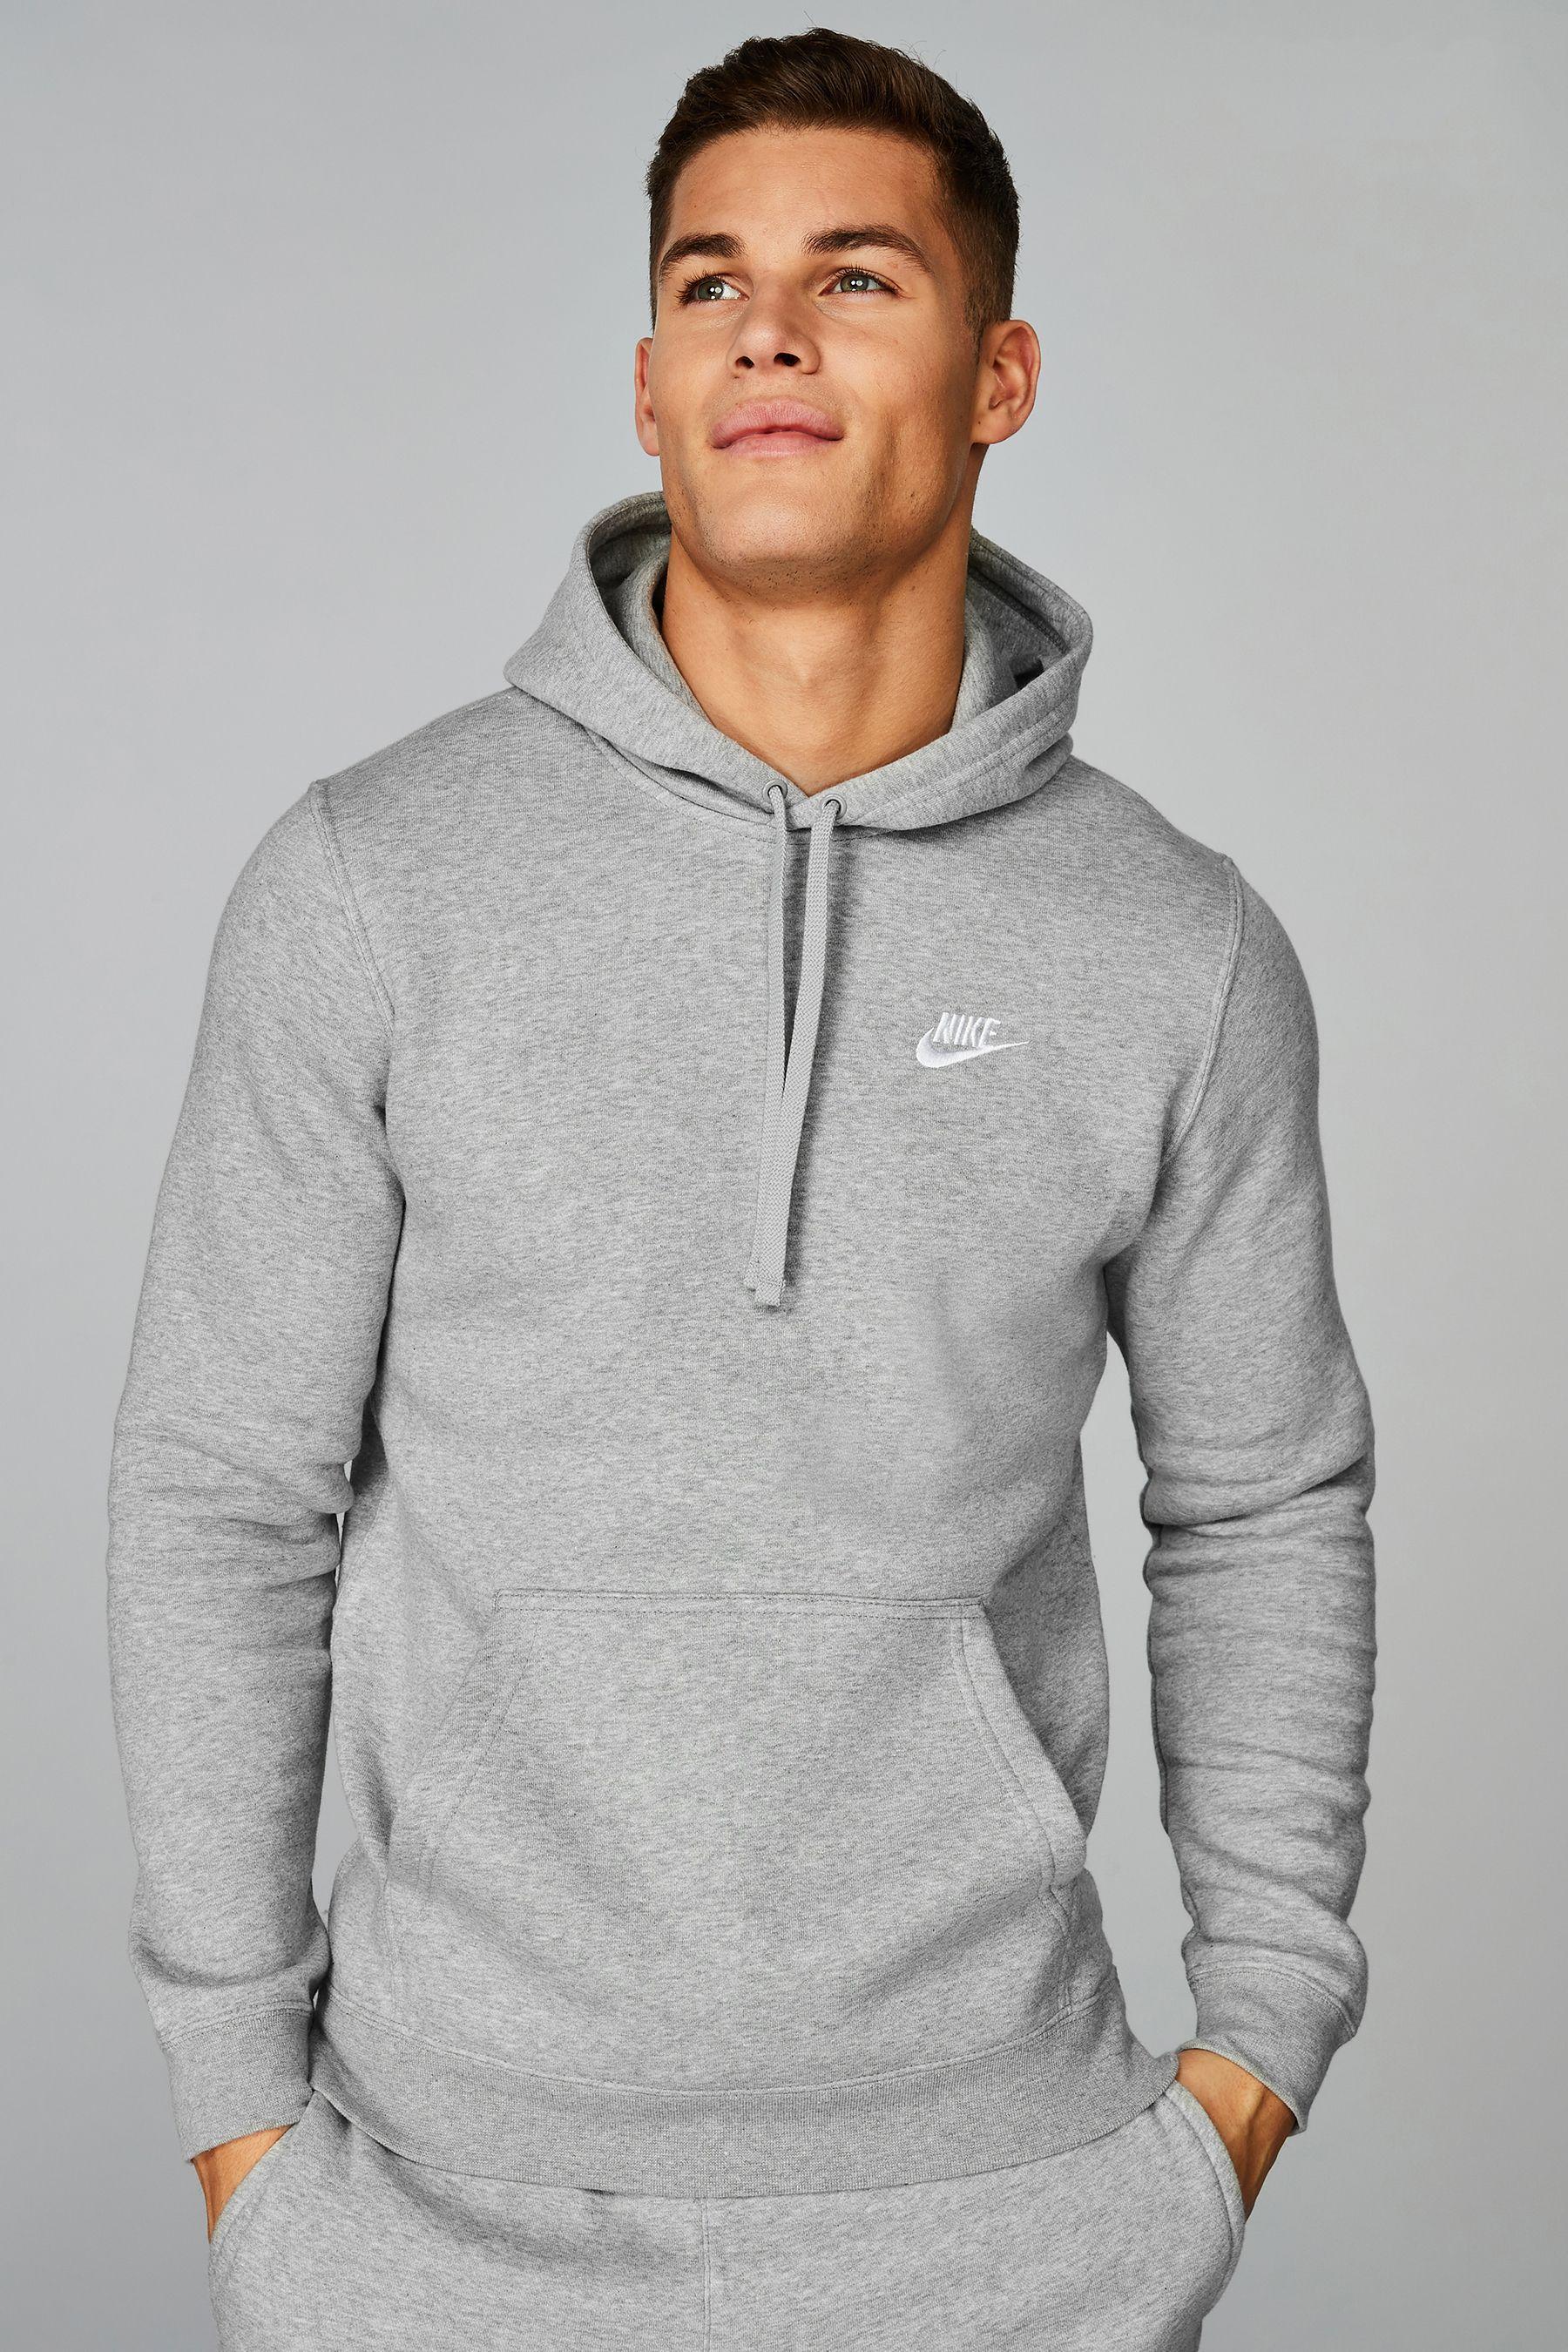 Warm Nike Hoodies | Hoodie outfit men, Nike hoodie outfit ...